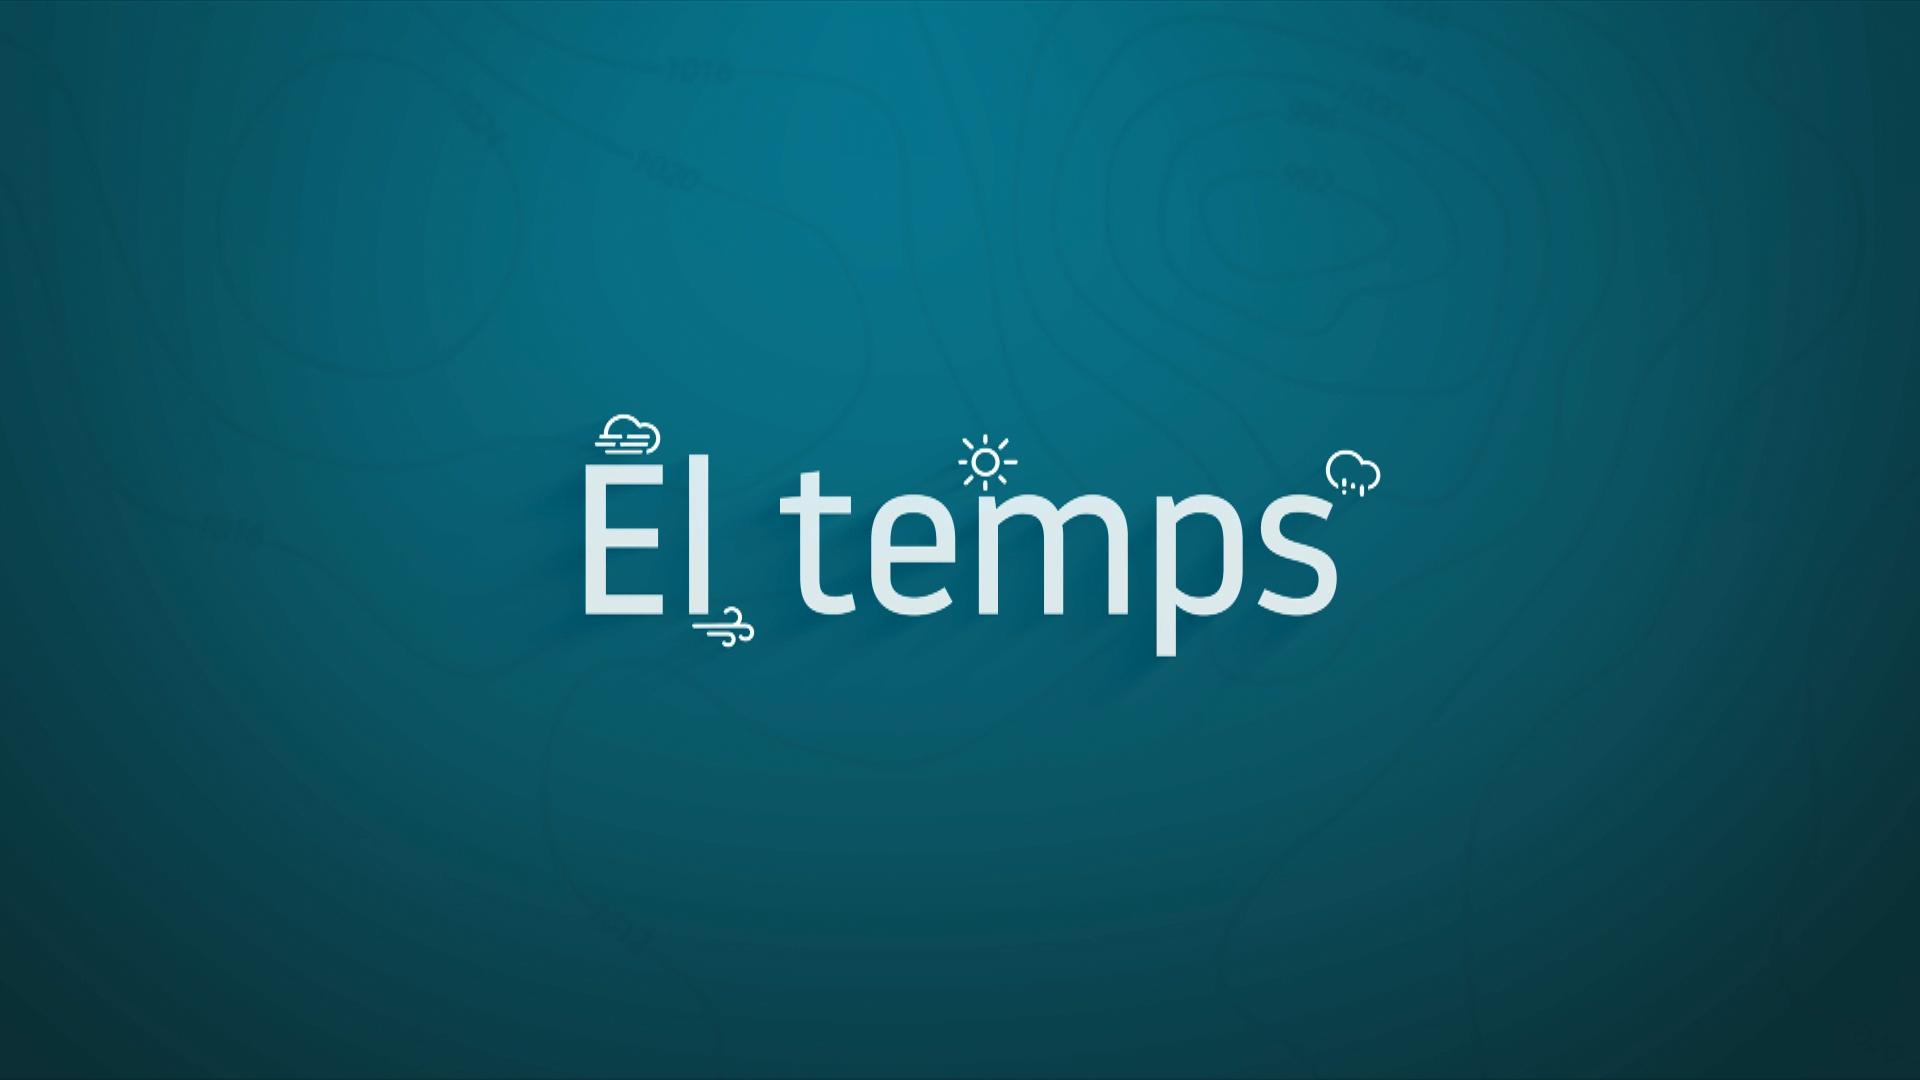 El+Temps+Vespre+21-08-2021